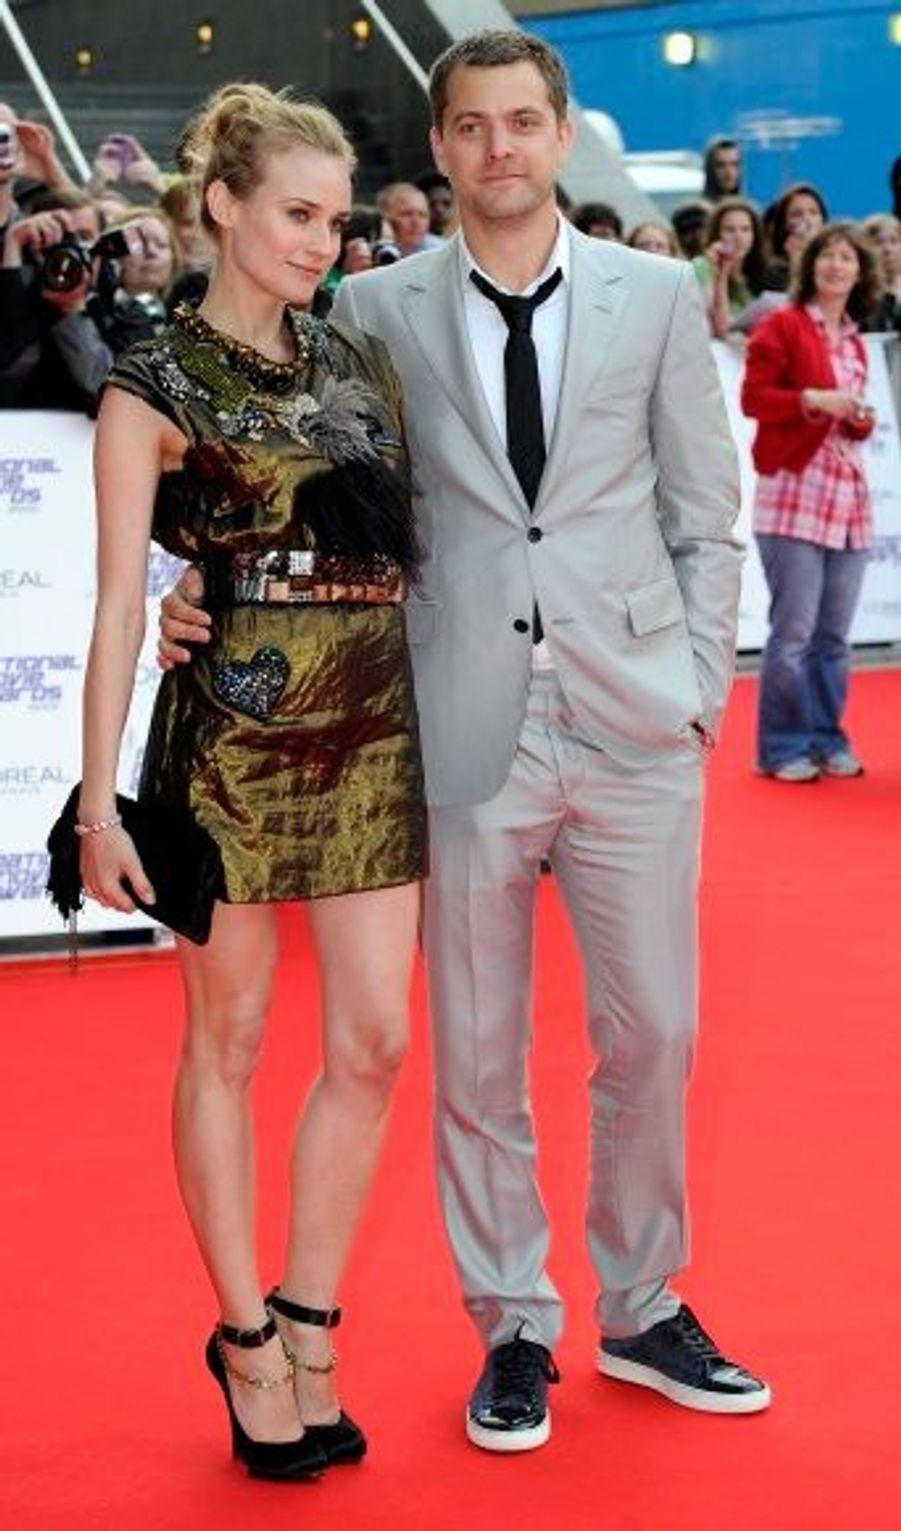 Toujours aussi classe, Diane Kruger a foulé le tapis rouge au bras de son compagnon, l'acteur Joshua Jackson.